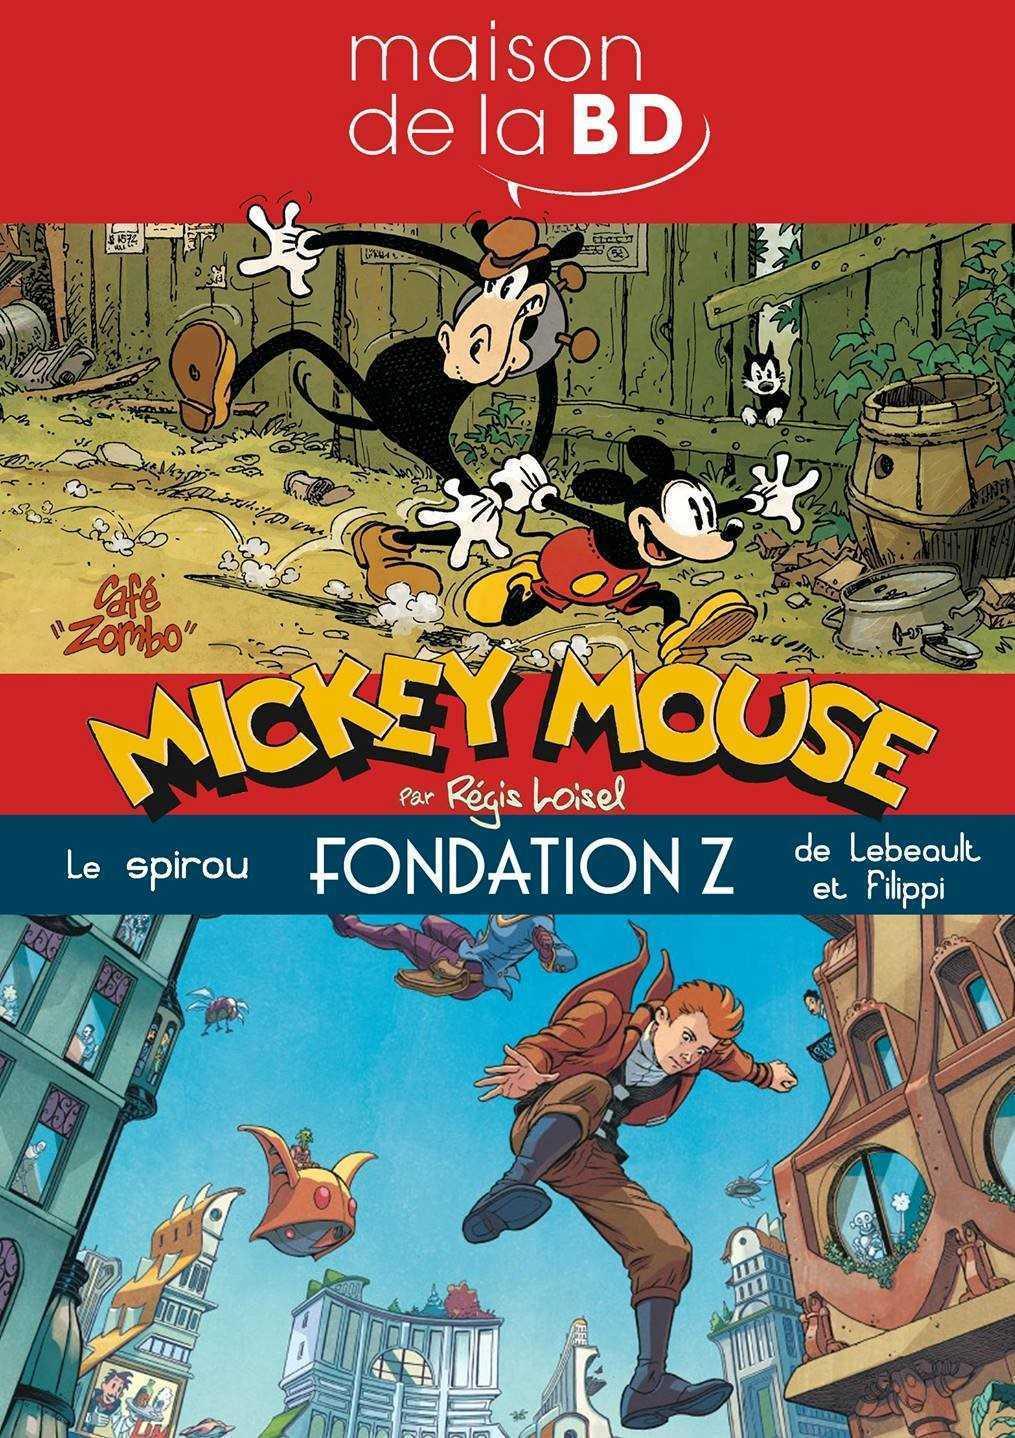 Mickey et Spirou s'exposent à la Maison de la BD à Blois du 5 juin au 1er septembre